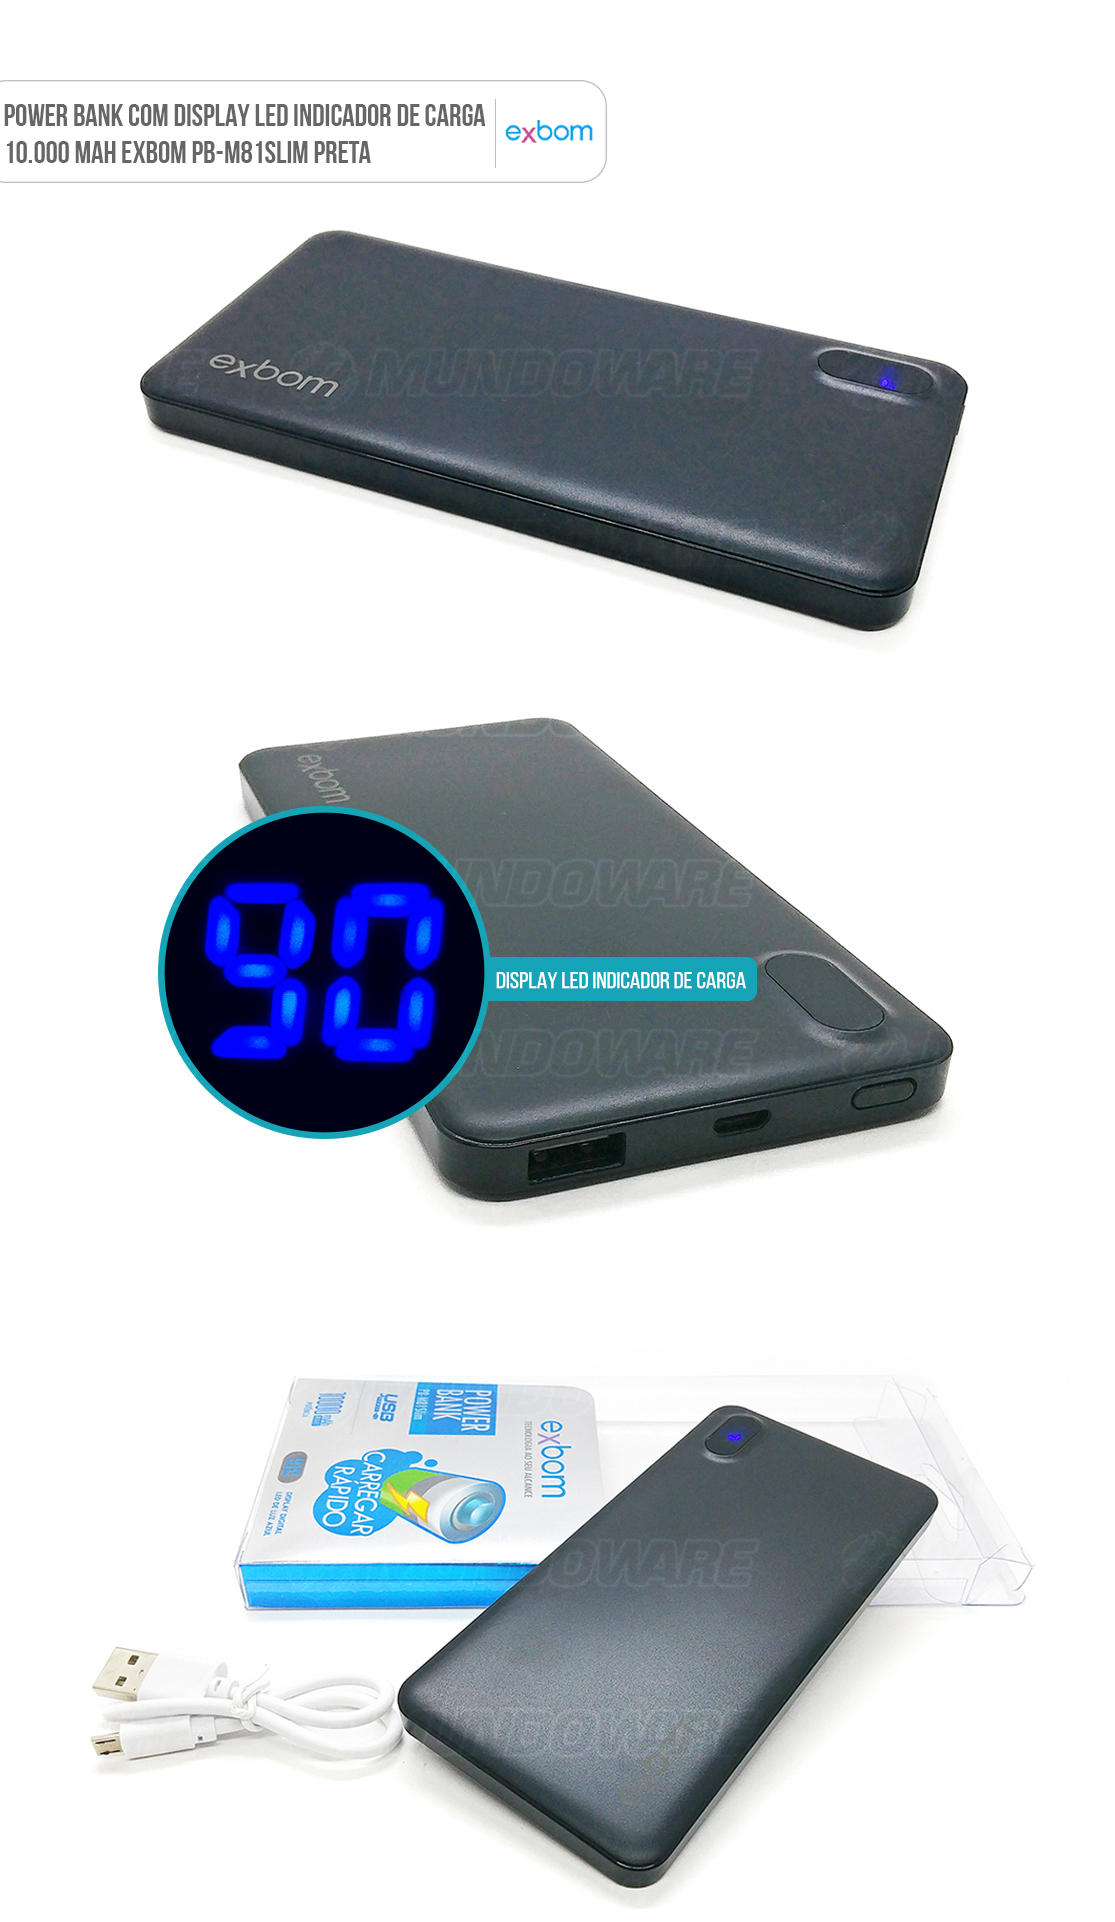 Carregador Portátil Universal Preto para Celular de 10000mah com LED indicador de carga